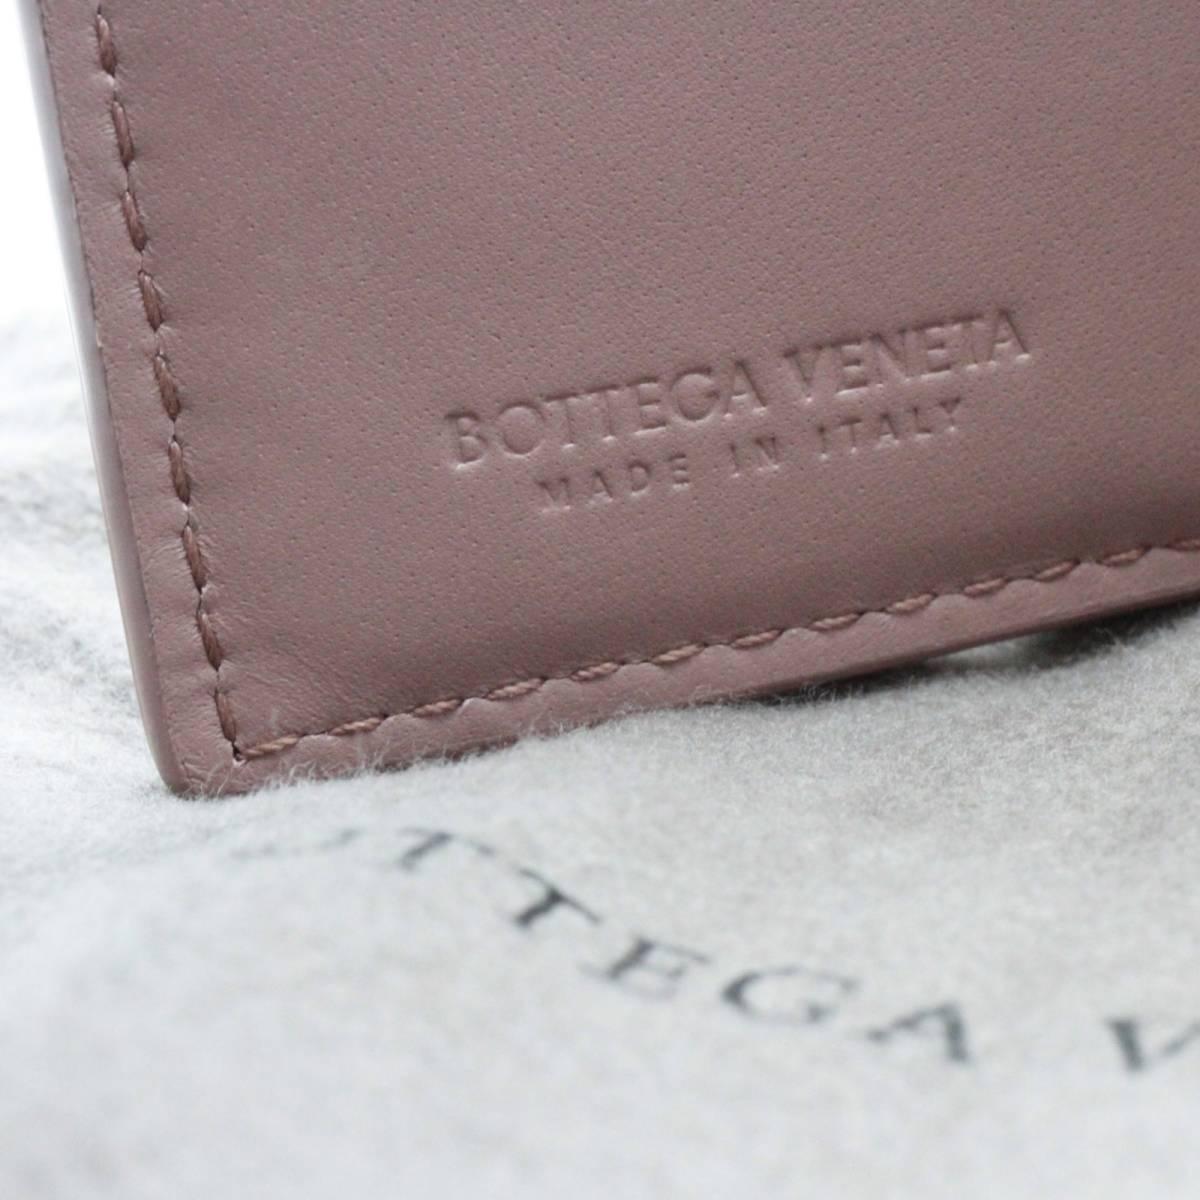 ◆◇【超美品】Bottega Veneta ボッテガヴェネタ イントレチャート 三つ折り財布◇◆_画像8